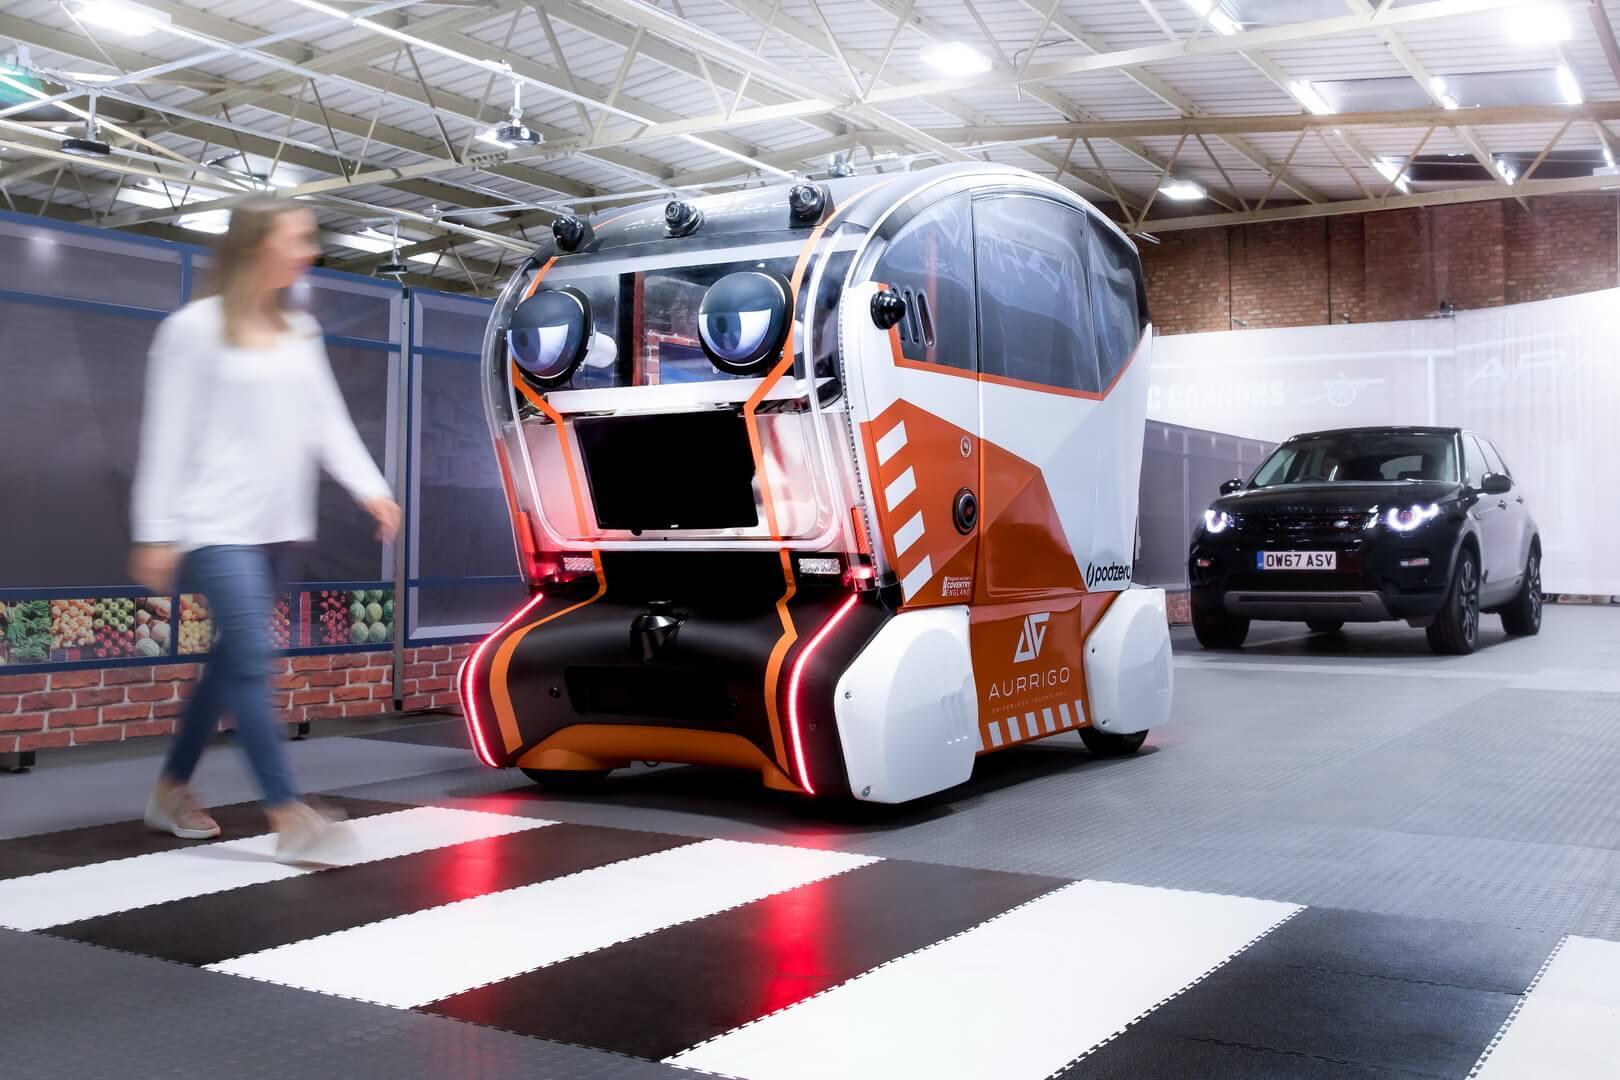 Віртуальні очі Jaguar Land Rover вивчатимуть довіру до безпілотних автомобілів